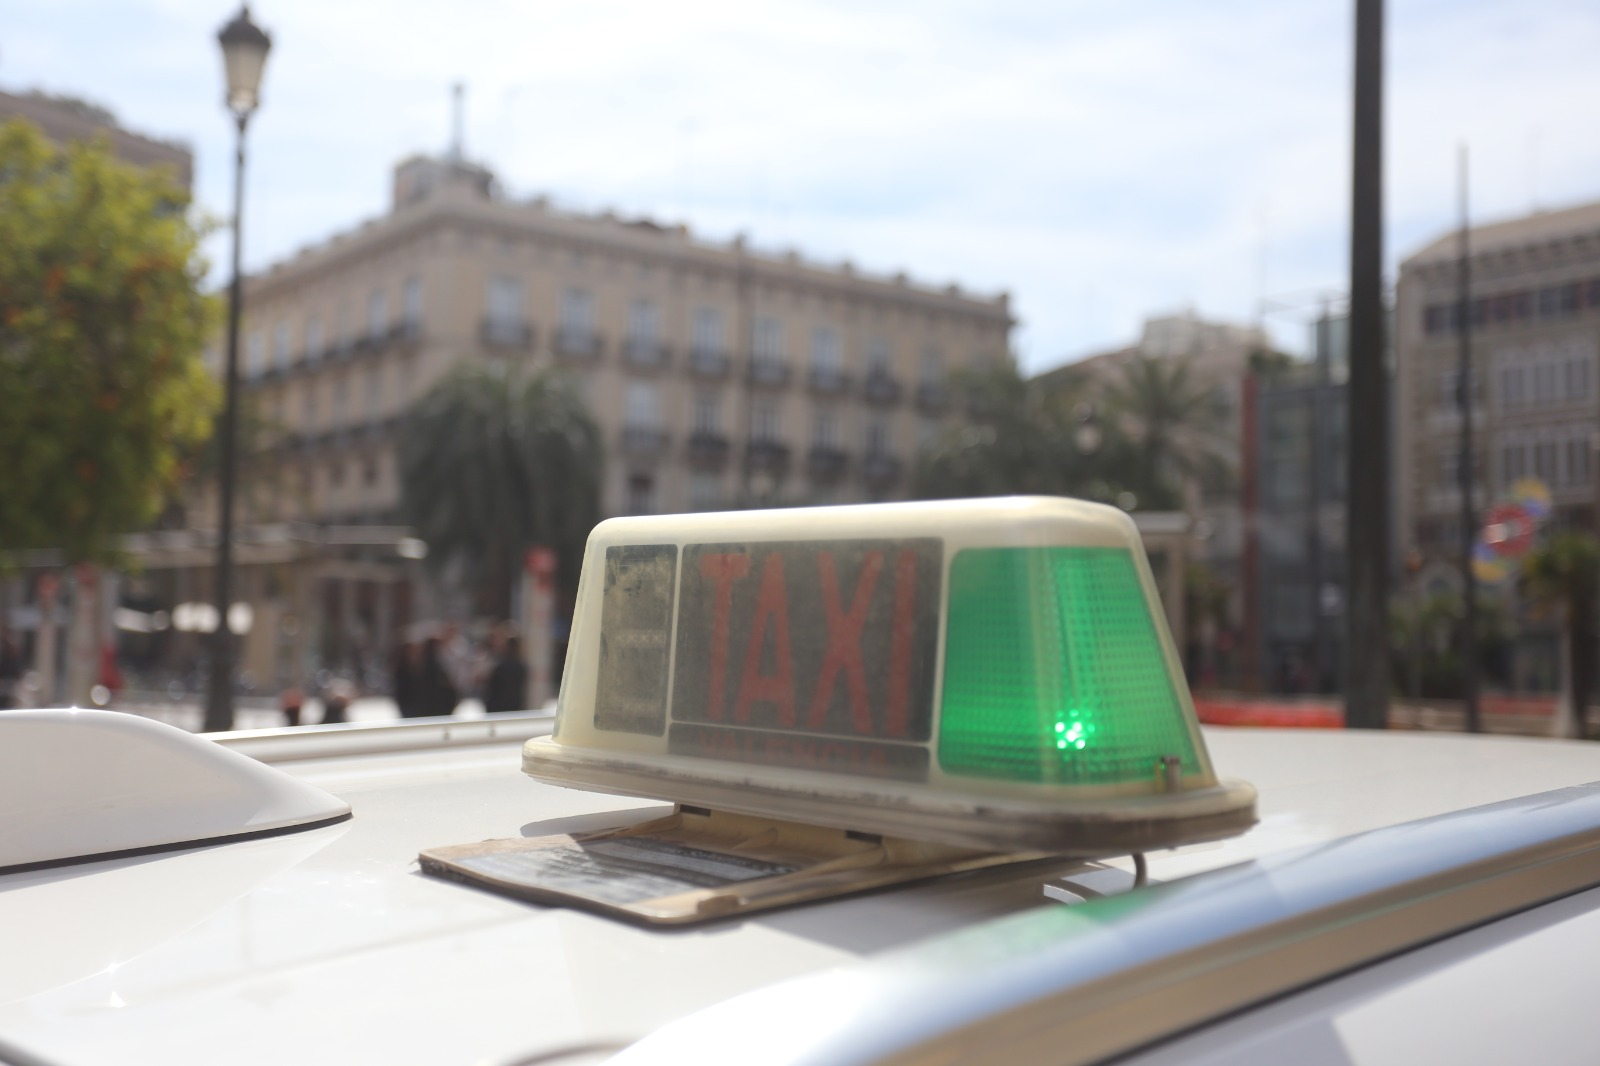 La Conselleria de Movilidad propone un plan al sector del taxi para modernizar y profesionalizar el servicio